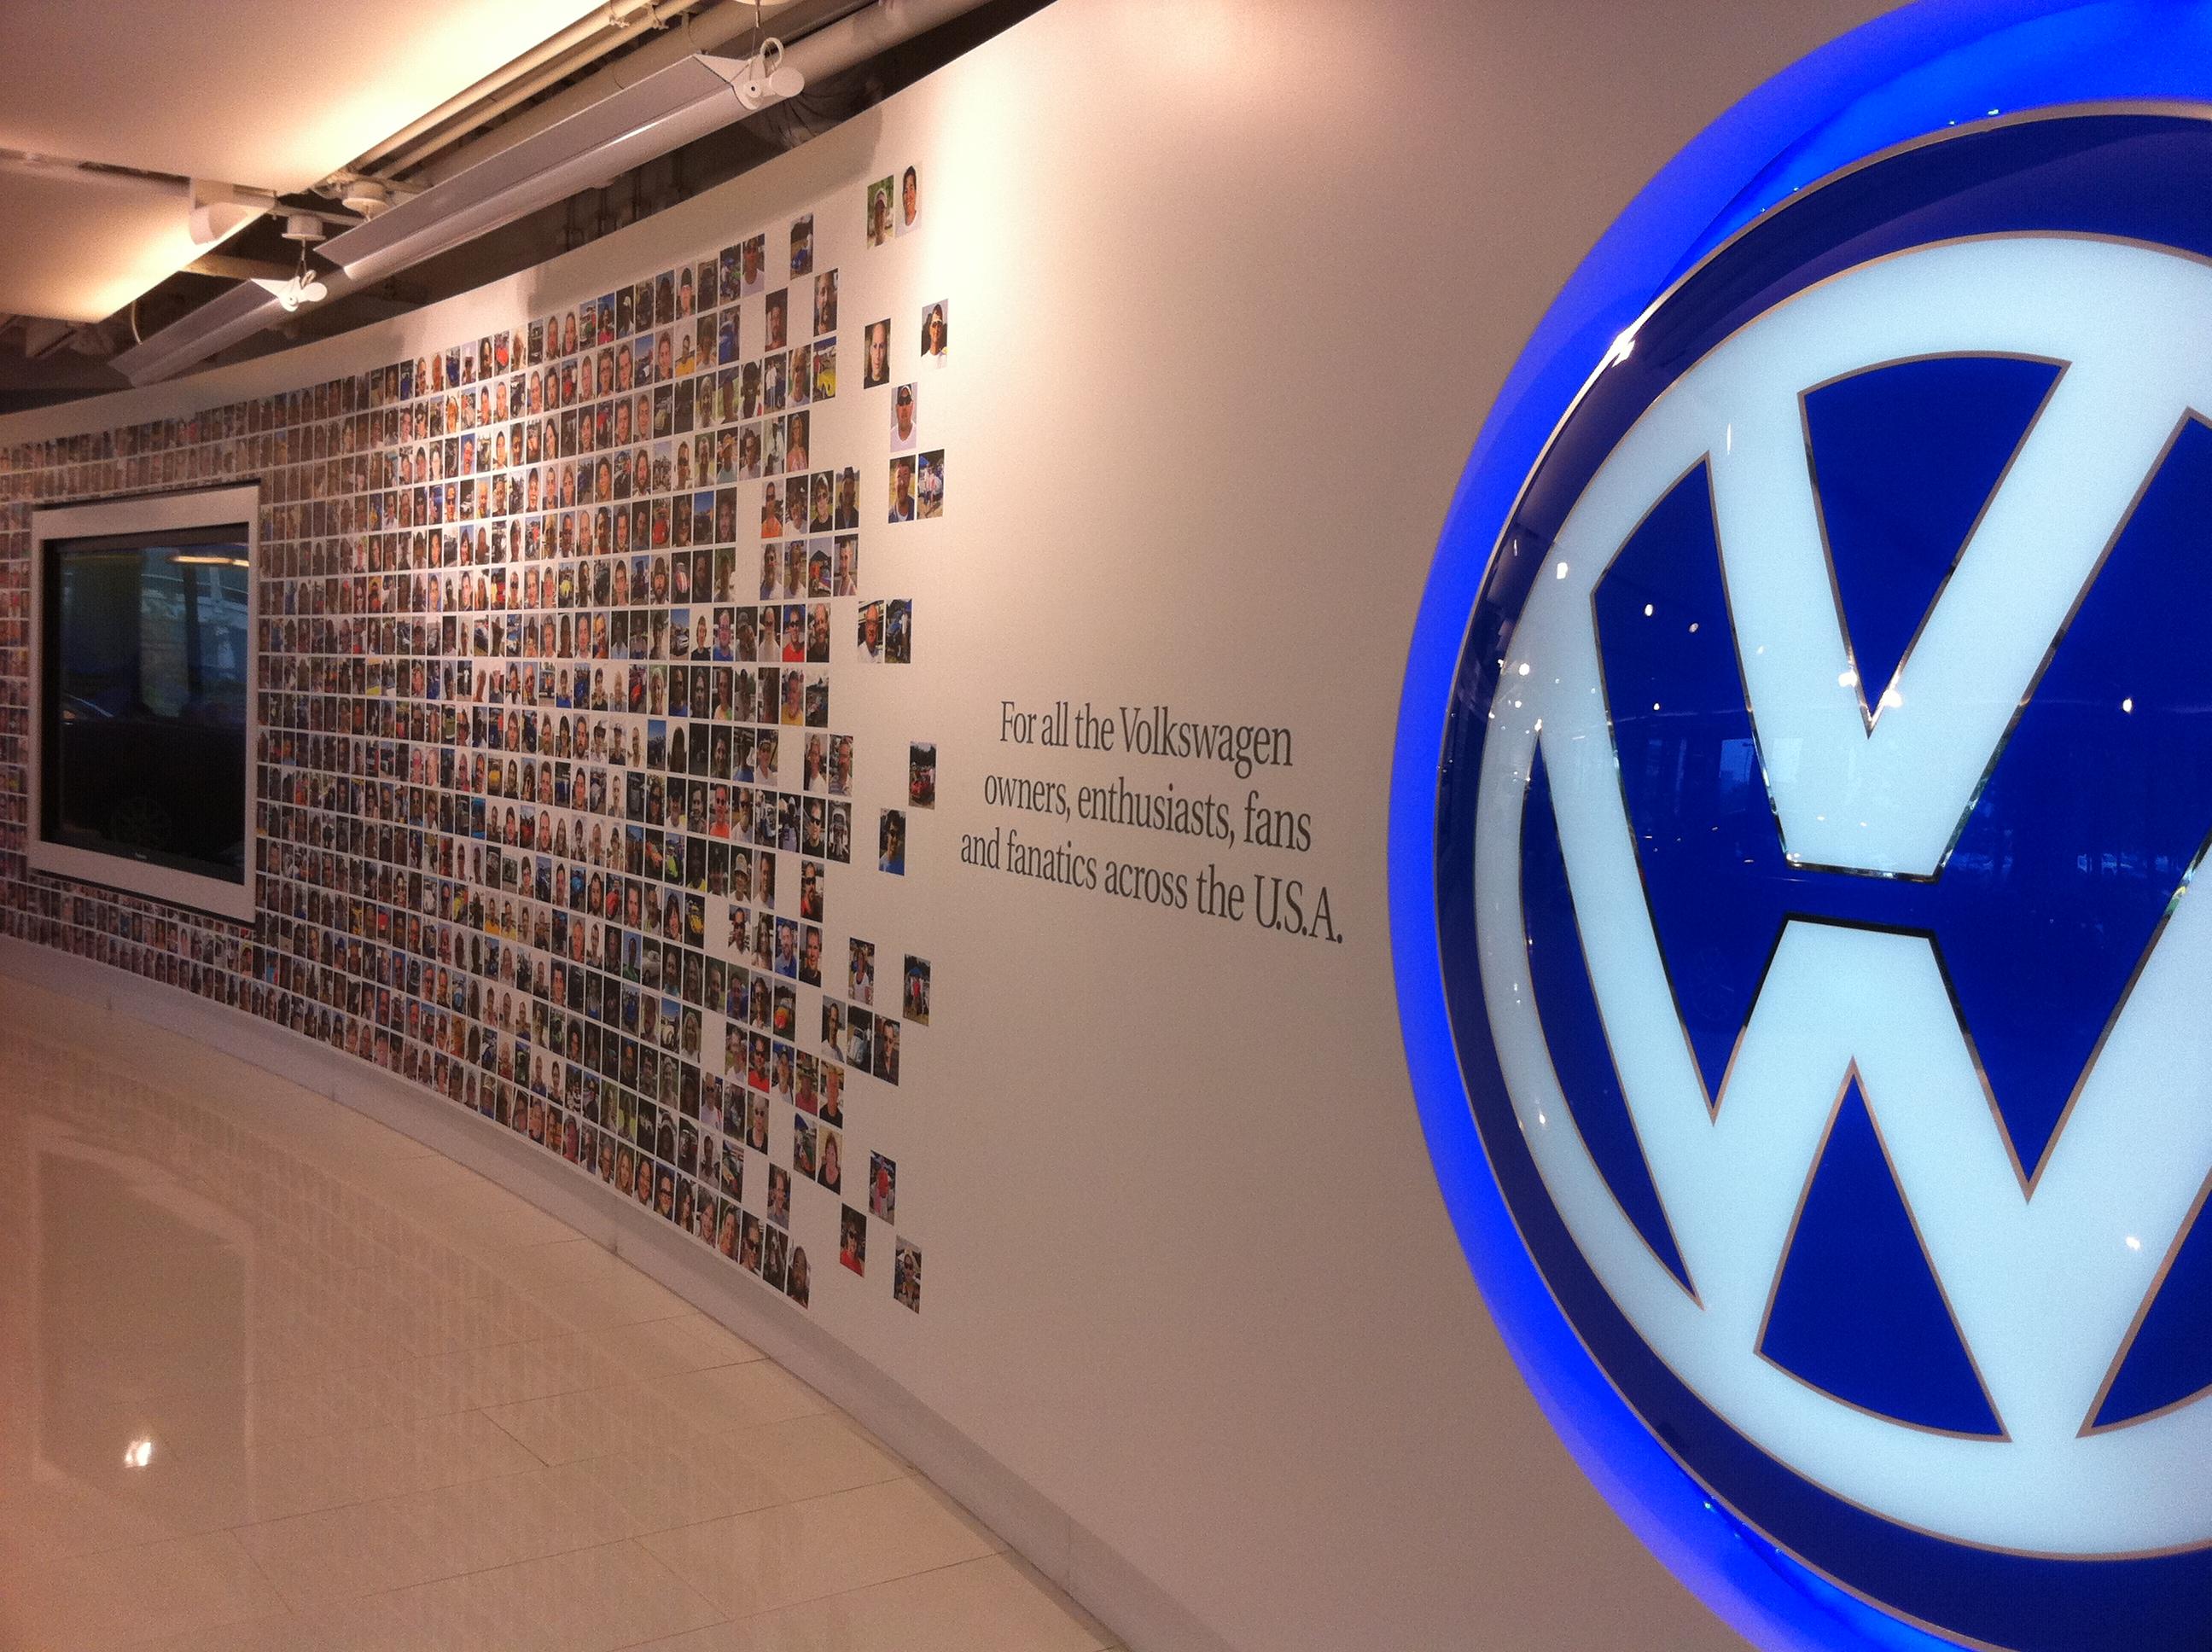 Volkswagen-ի շահույթը 9 ամսվա ընթացքում աճել է 30%-ով